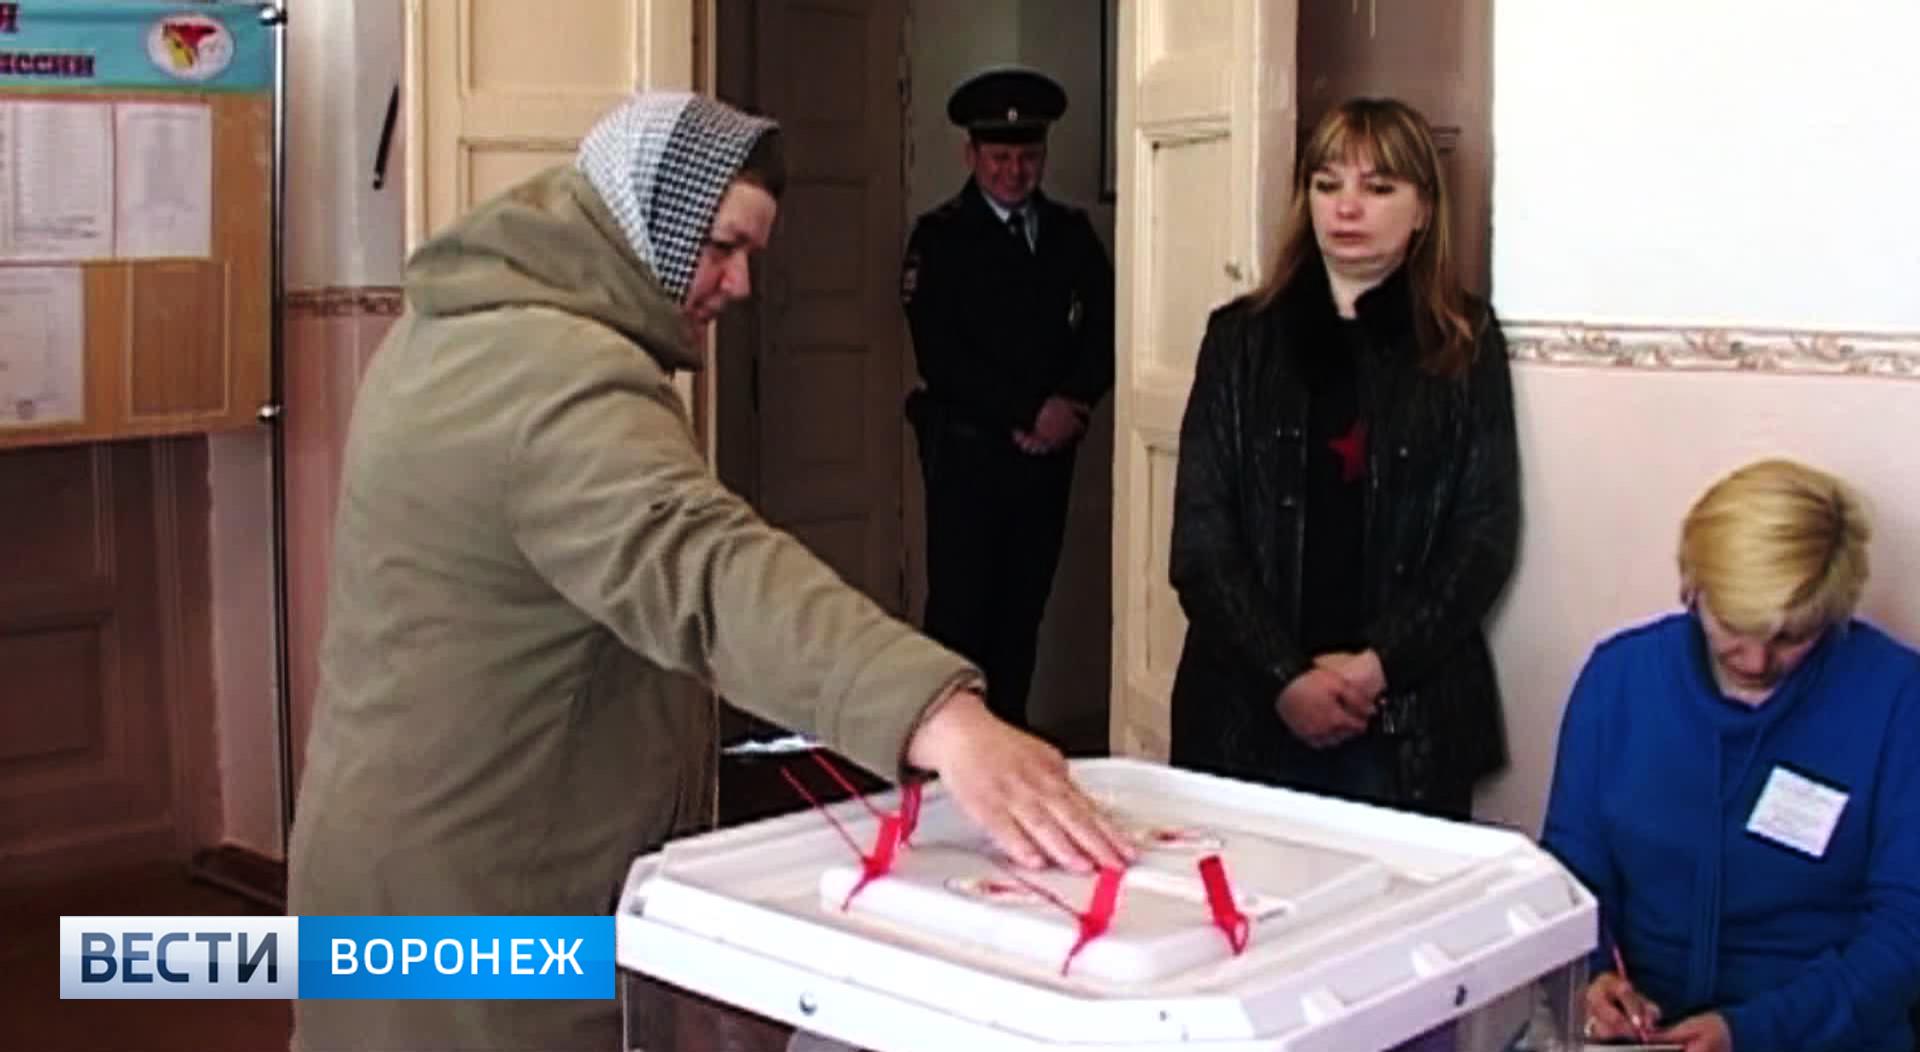 В бутурлиновском селе, где все народные избранники сложили полномочия, выбрали новых депутатов